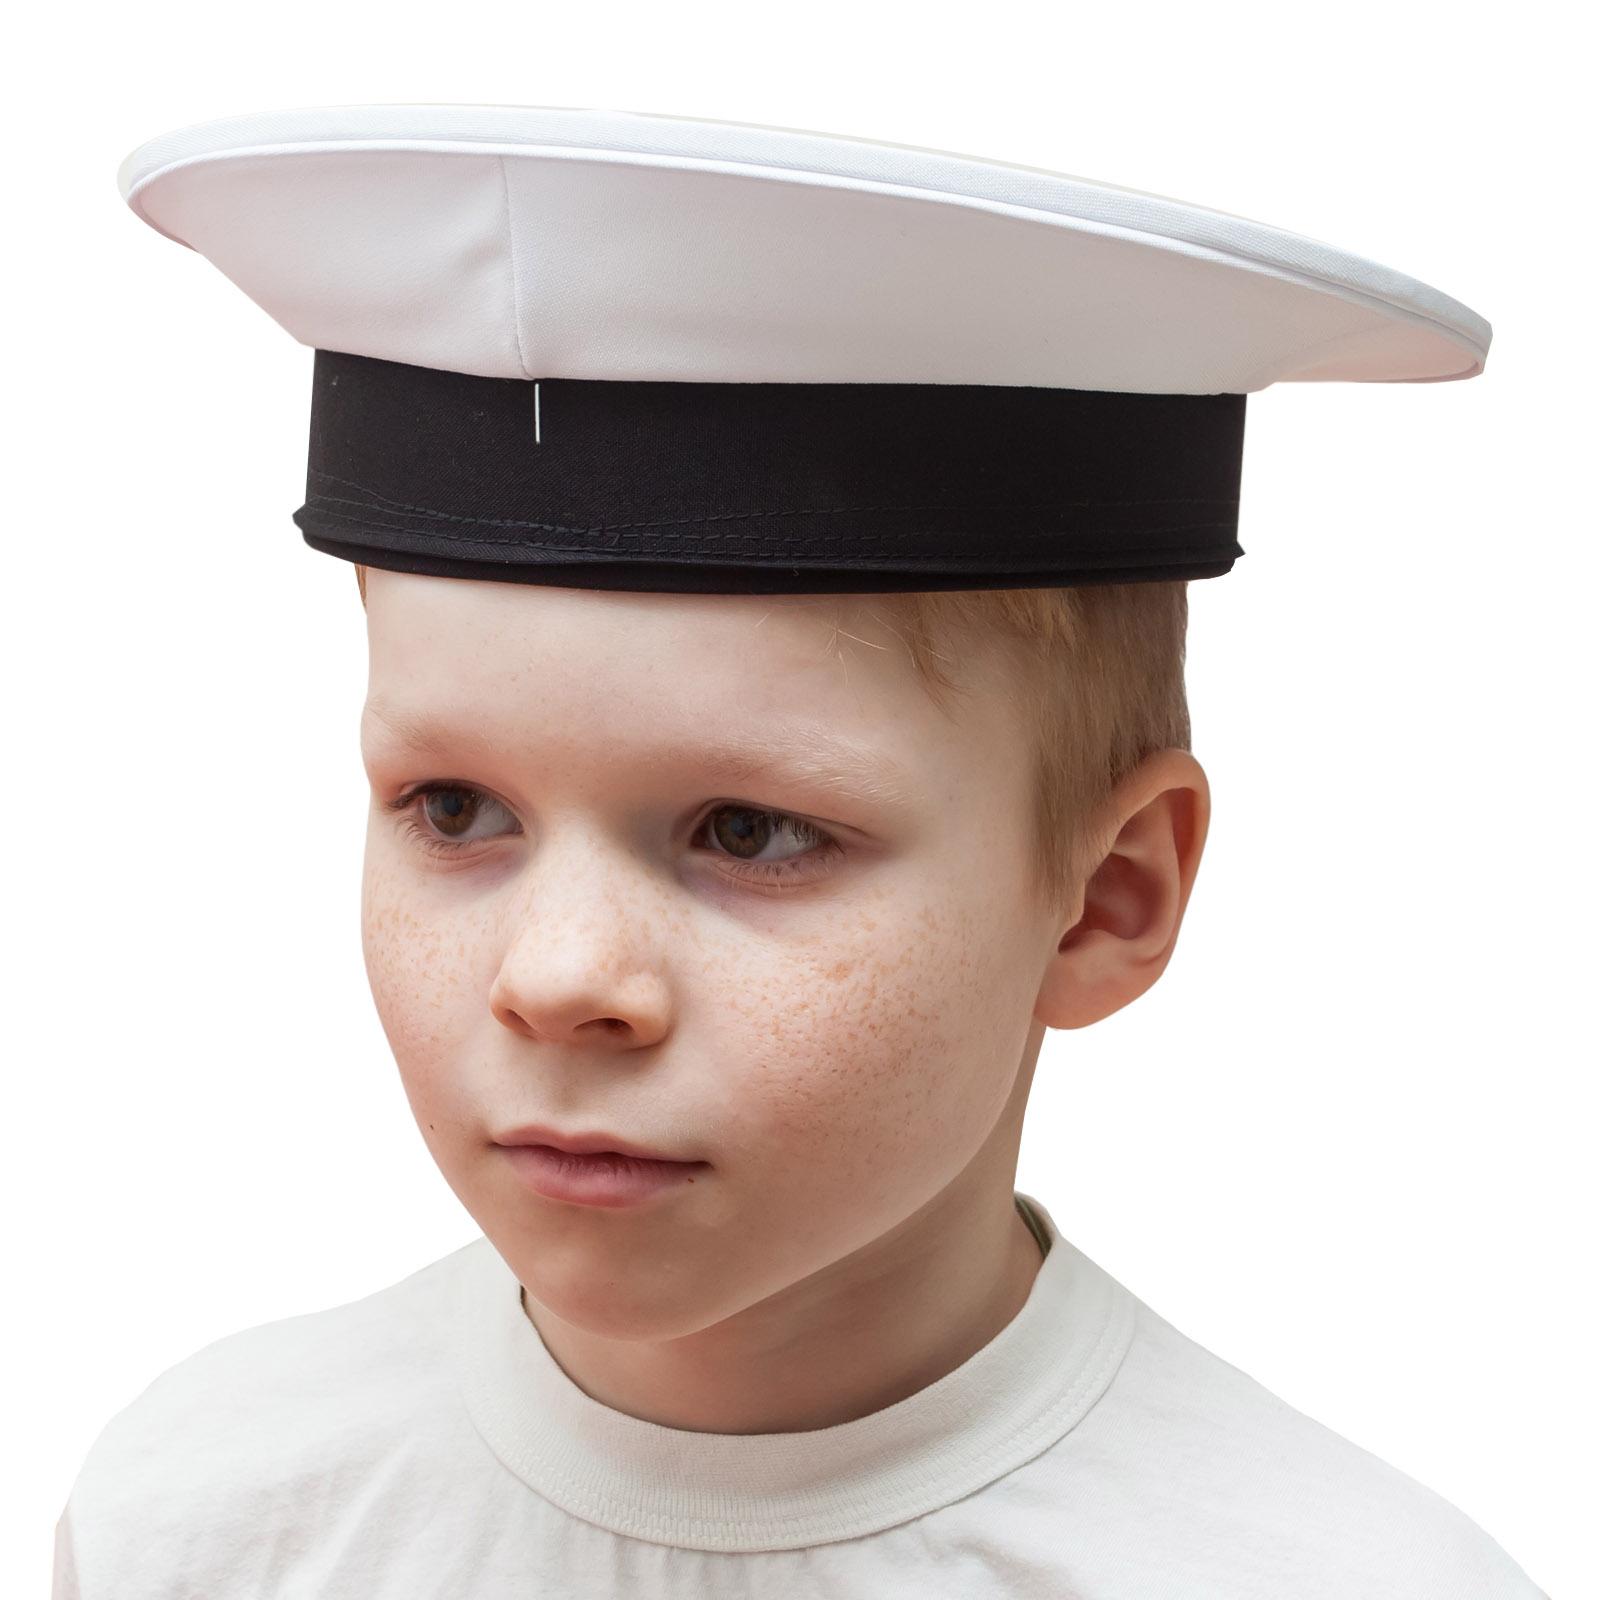 Бескозырка моряка белая по лучшей цене